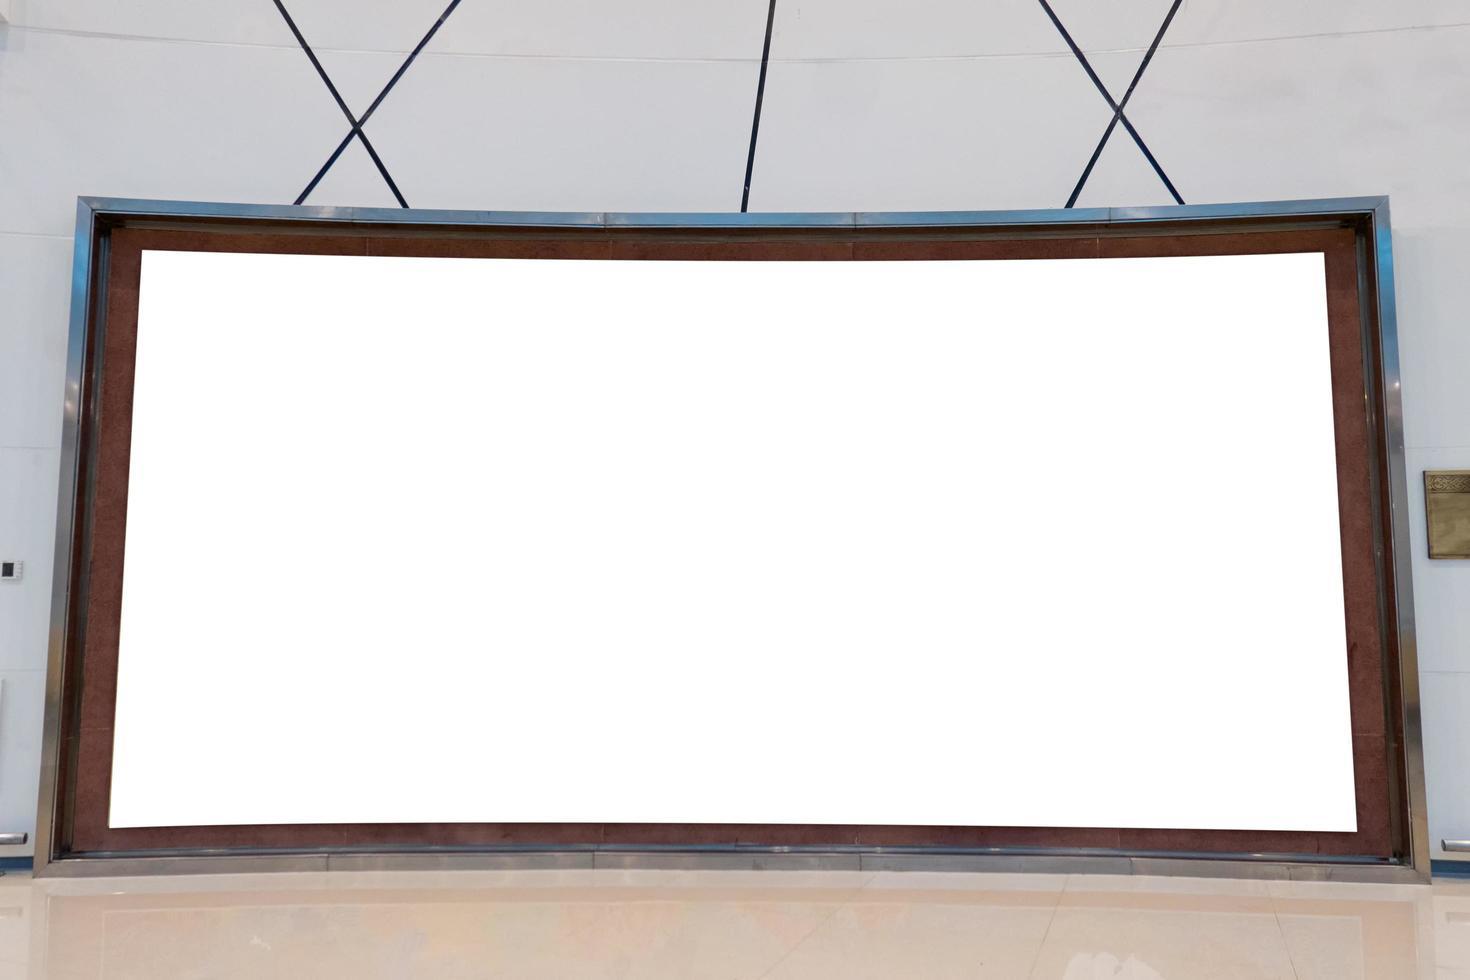 grand modèle de panneau d'affichage rectangulaire photo